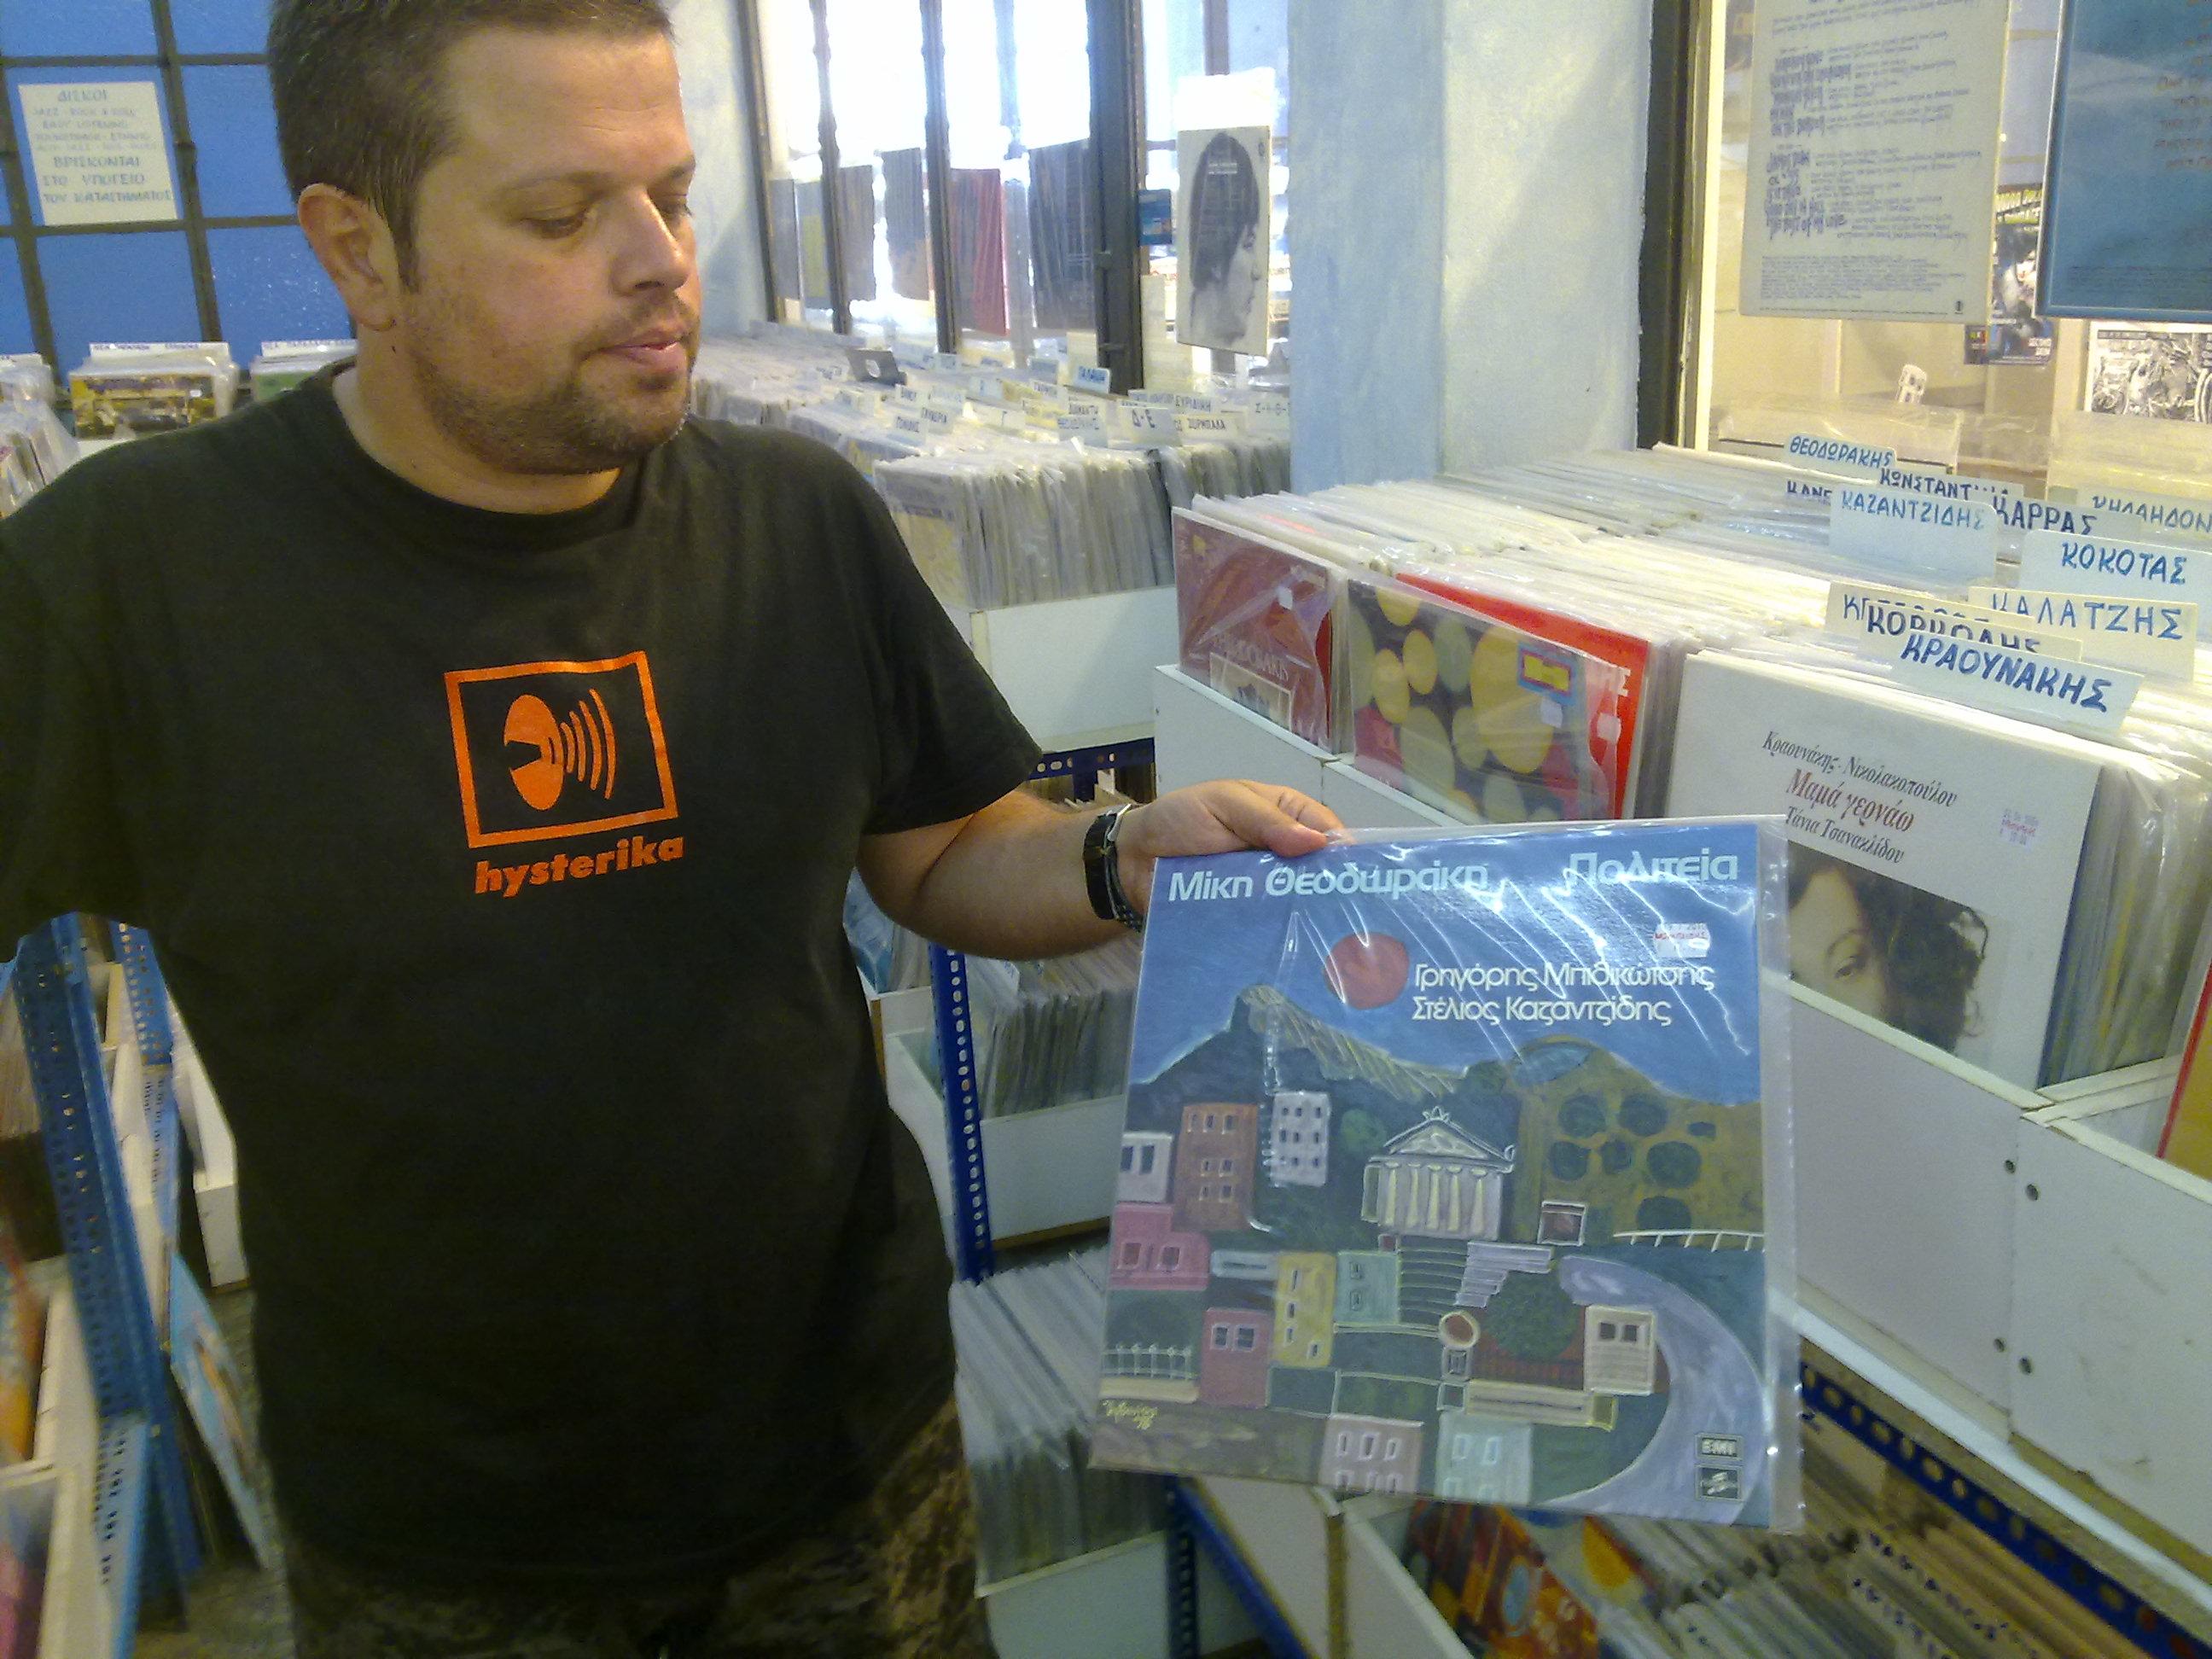 Ο Μανώλης, δείχνει στον φακό του Newsit μεταχειρισμένο δίσκο του Θεοδωράκη που κοστίζει 12,20 ευρώ.